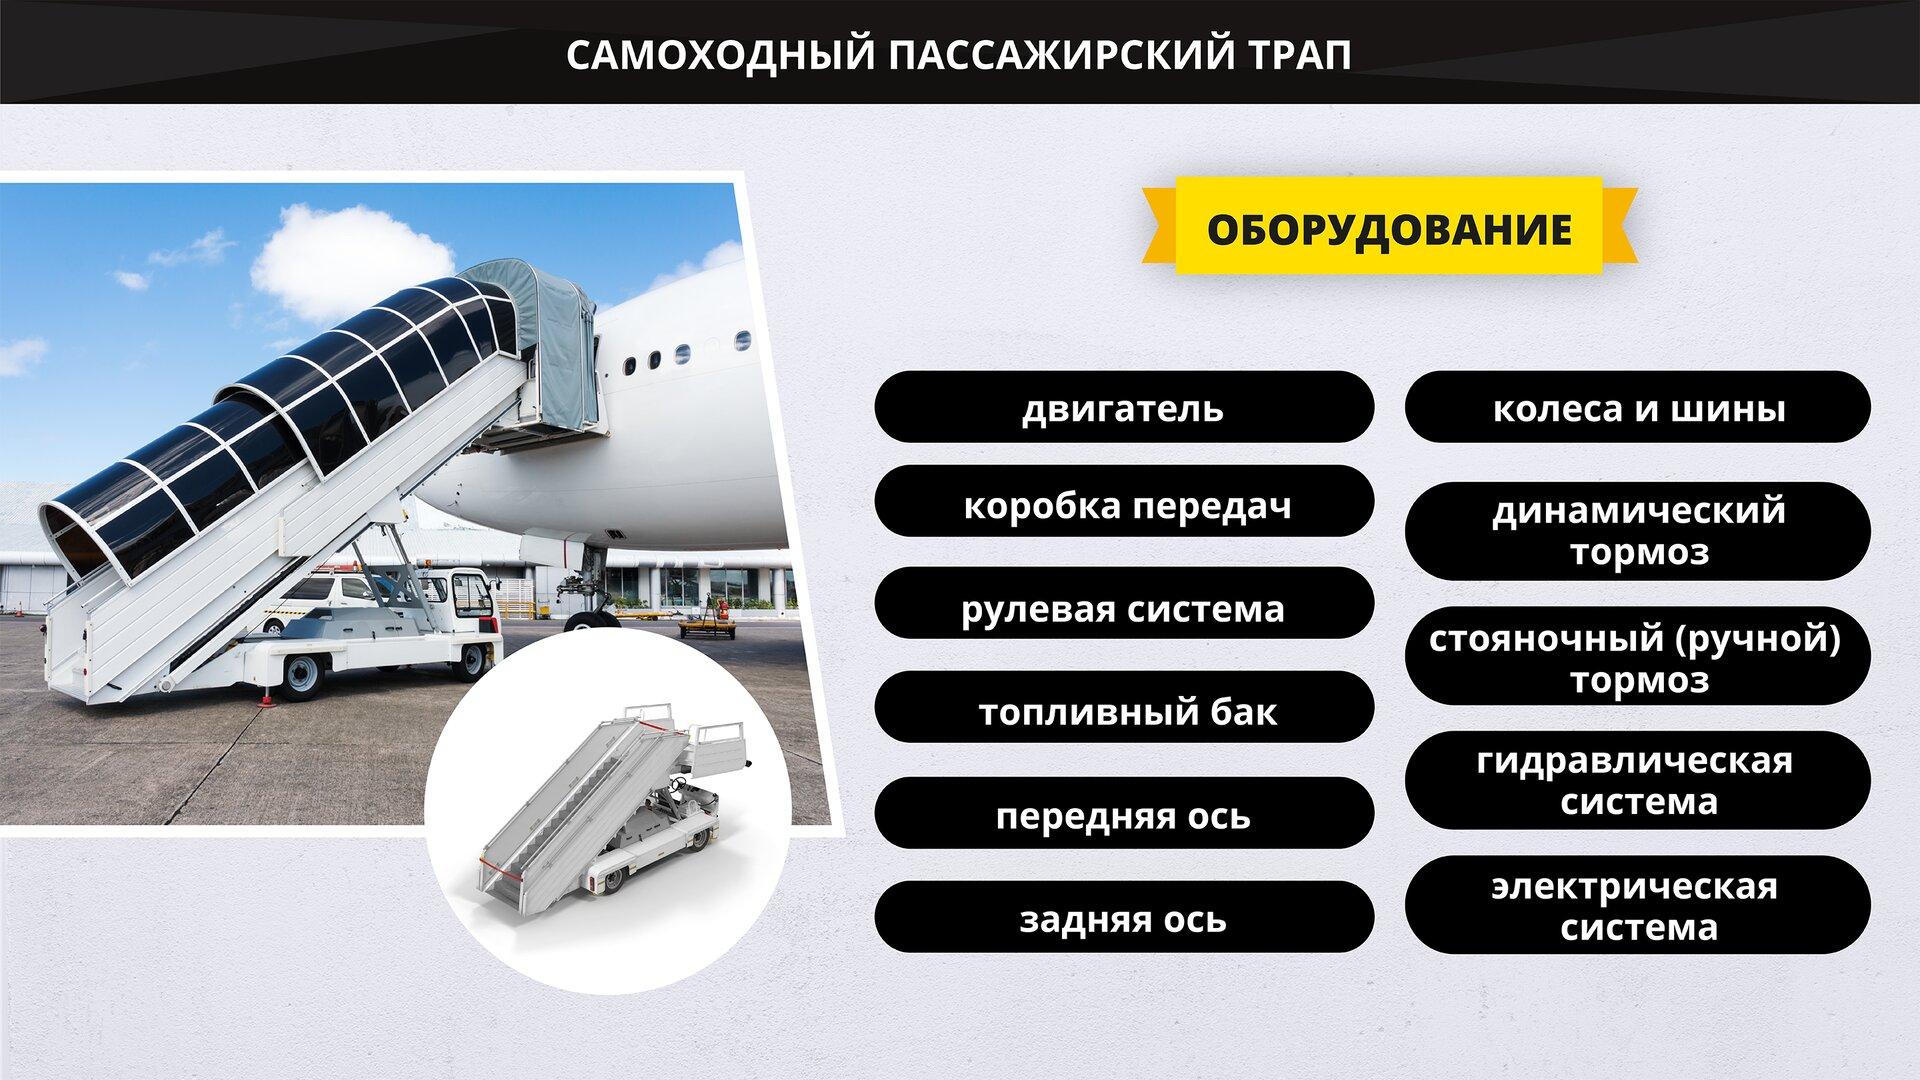 На изображении представлен самоходный пассажирский трап и выделены его элементы. Grafika przedstawia samojezdne schody pasażerskie oraz wyszczególnia ich elementy.